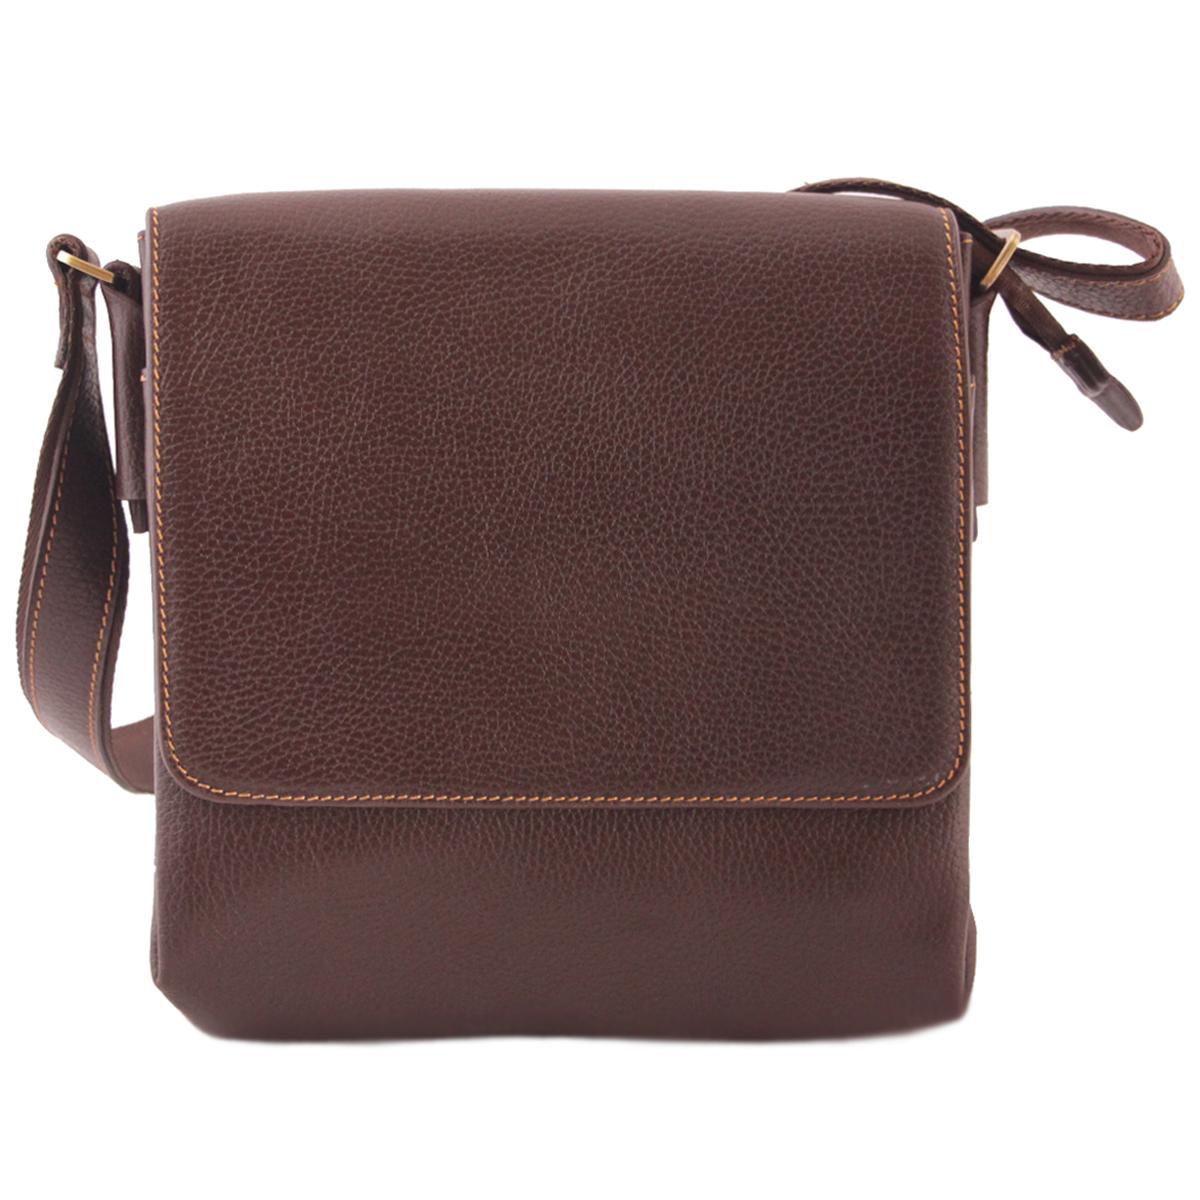 کیف دوشی چرم طبیعی آدین چرم مدل DG39.1